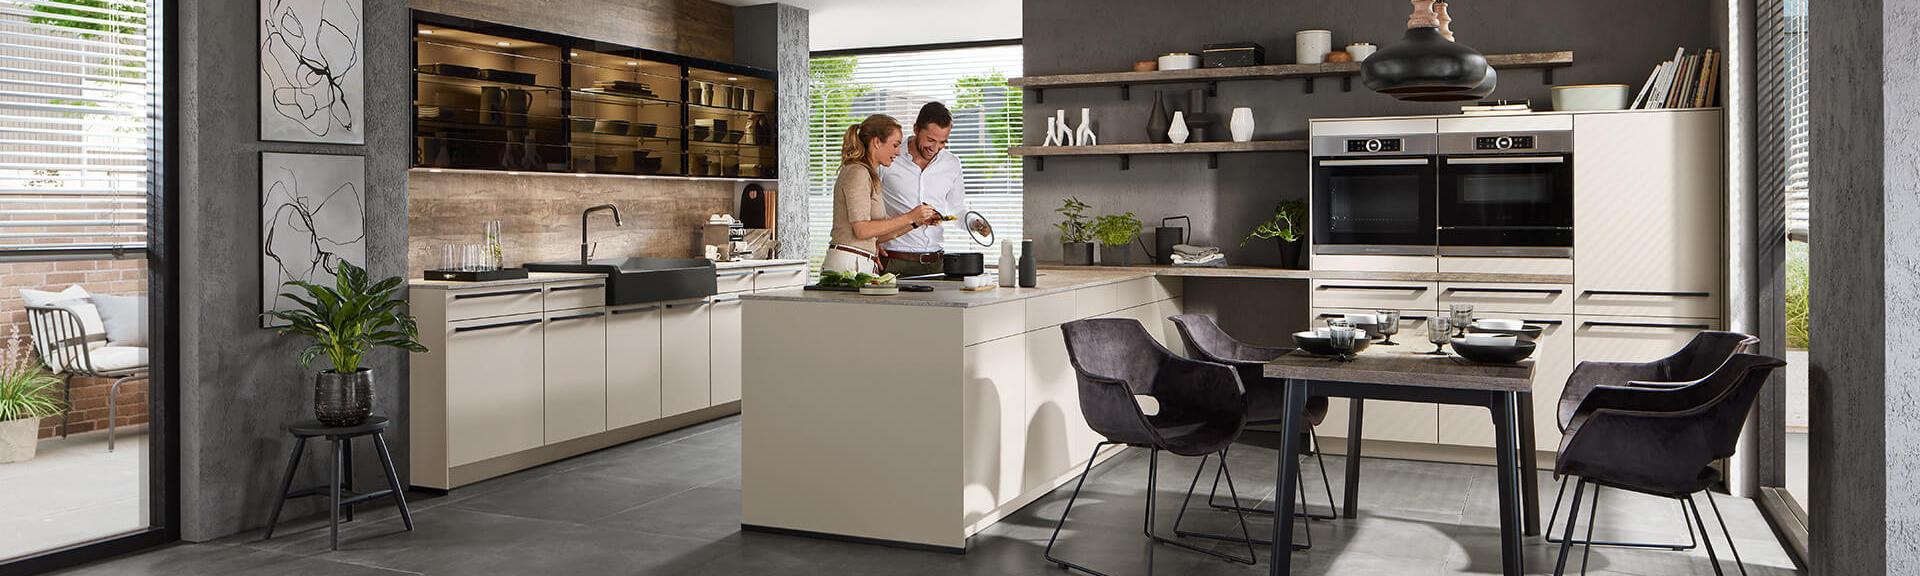 Kücheninsel Küchenzeile weiß mit Elektrogeräte